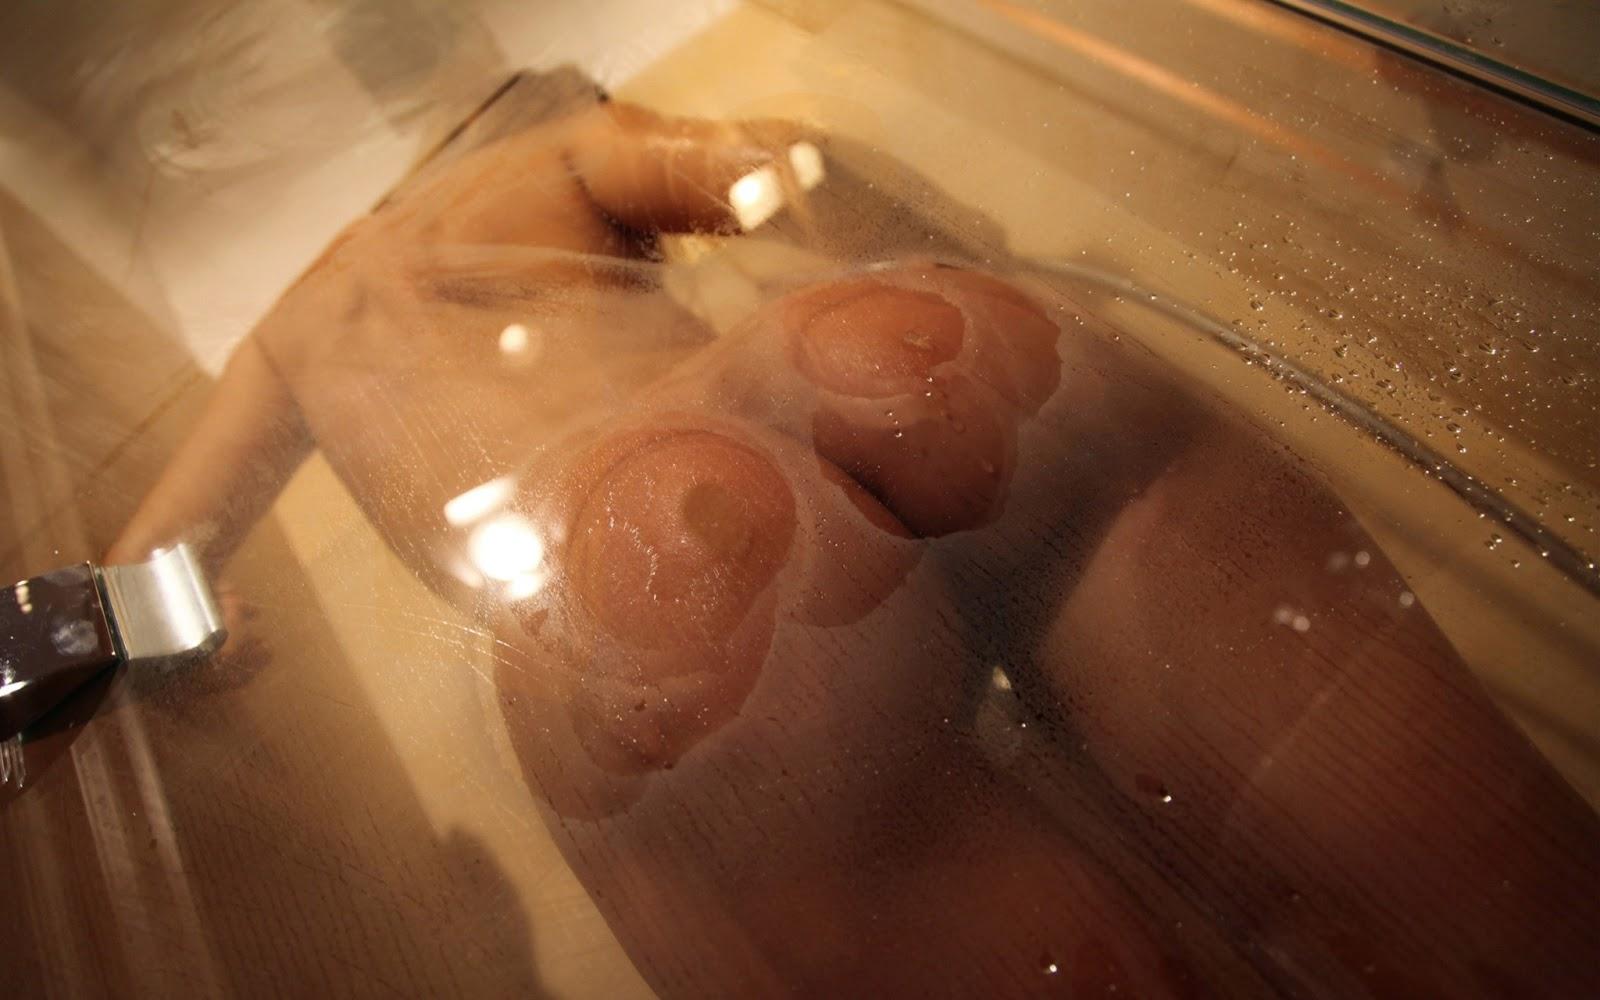 Big Naked Ass Shower Girl